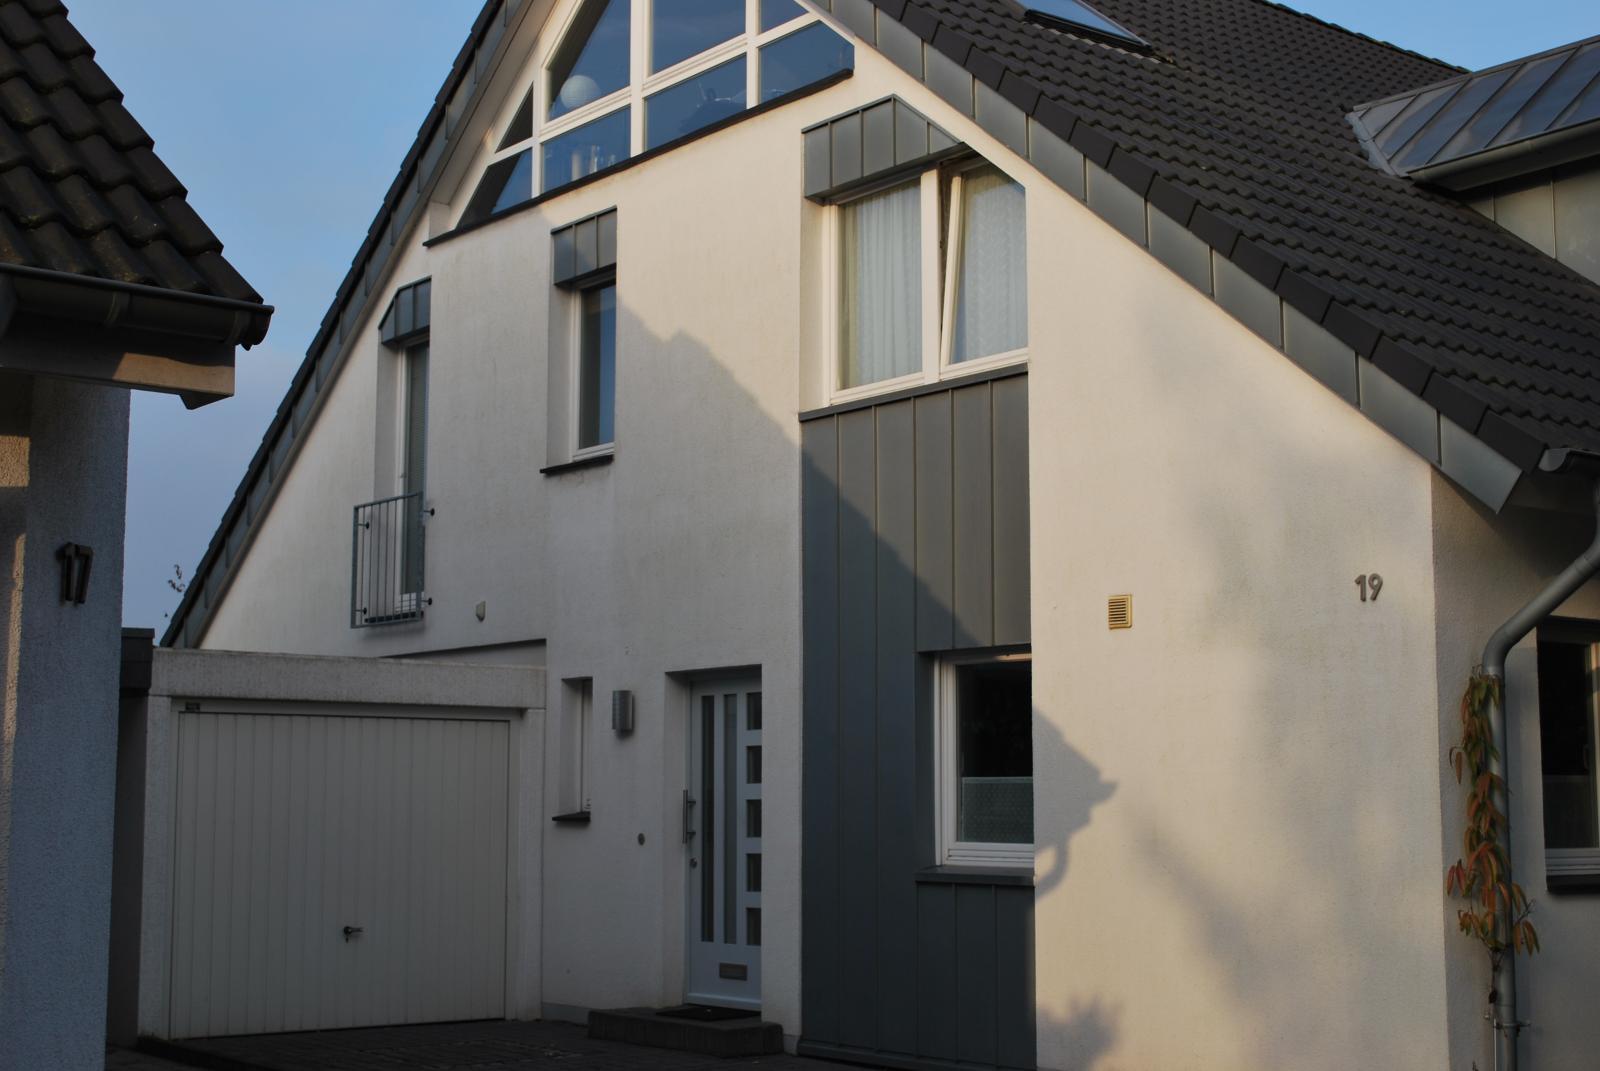 Neubau einer Doppelhaushälfte, Moers Utfort  AIP Wohnen